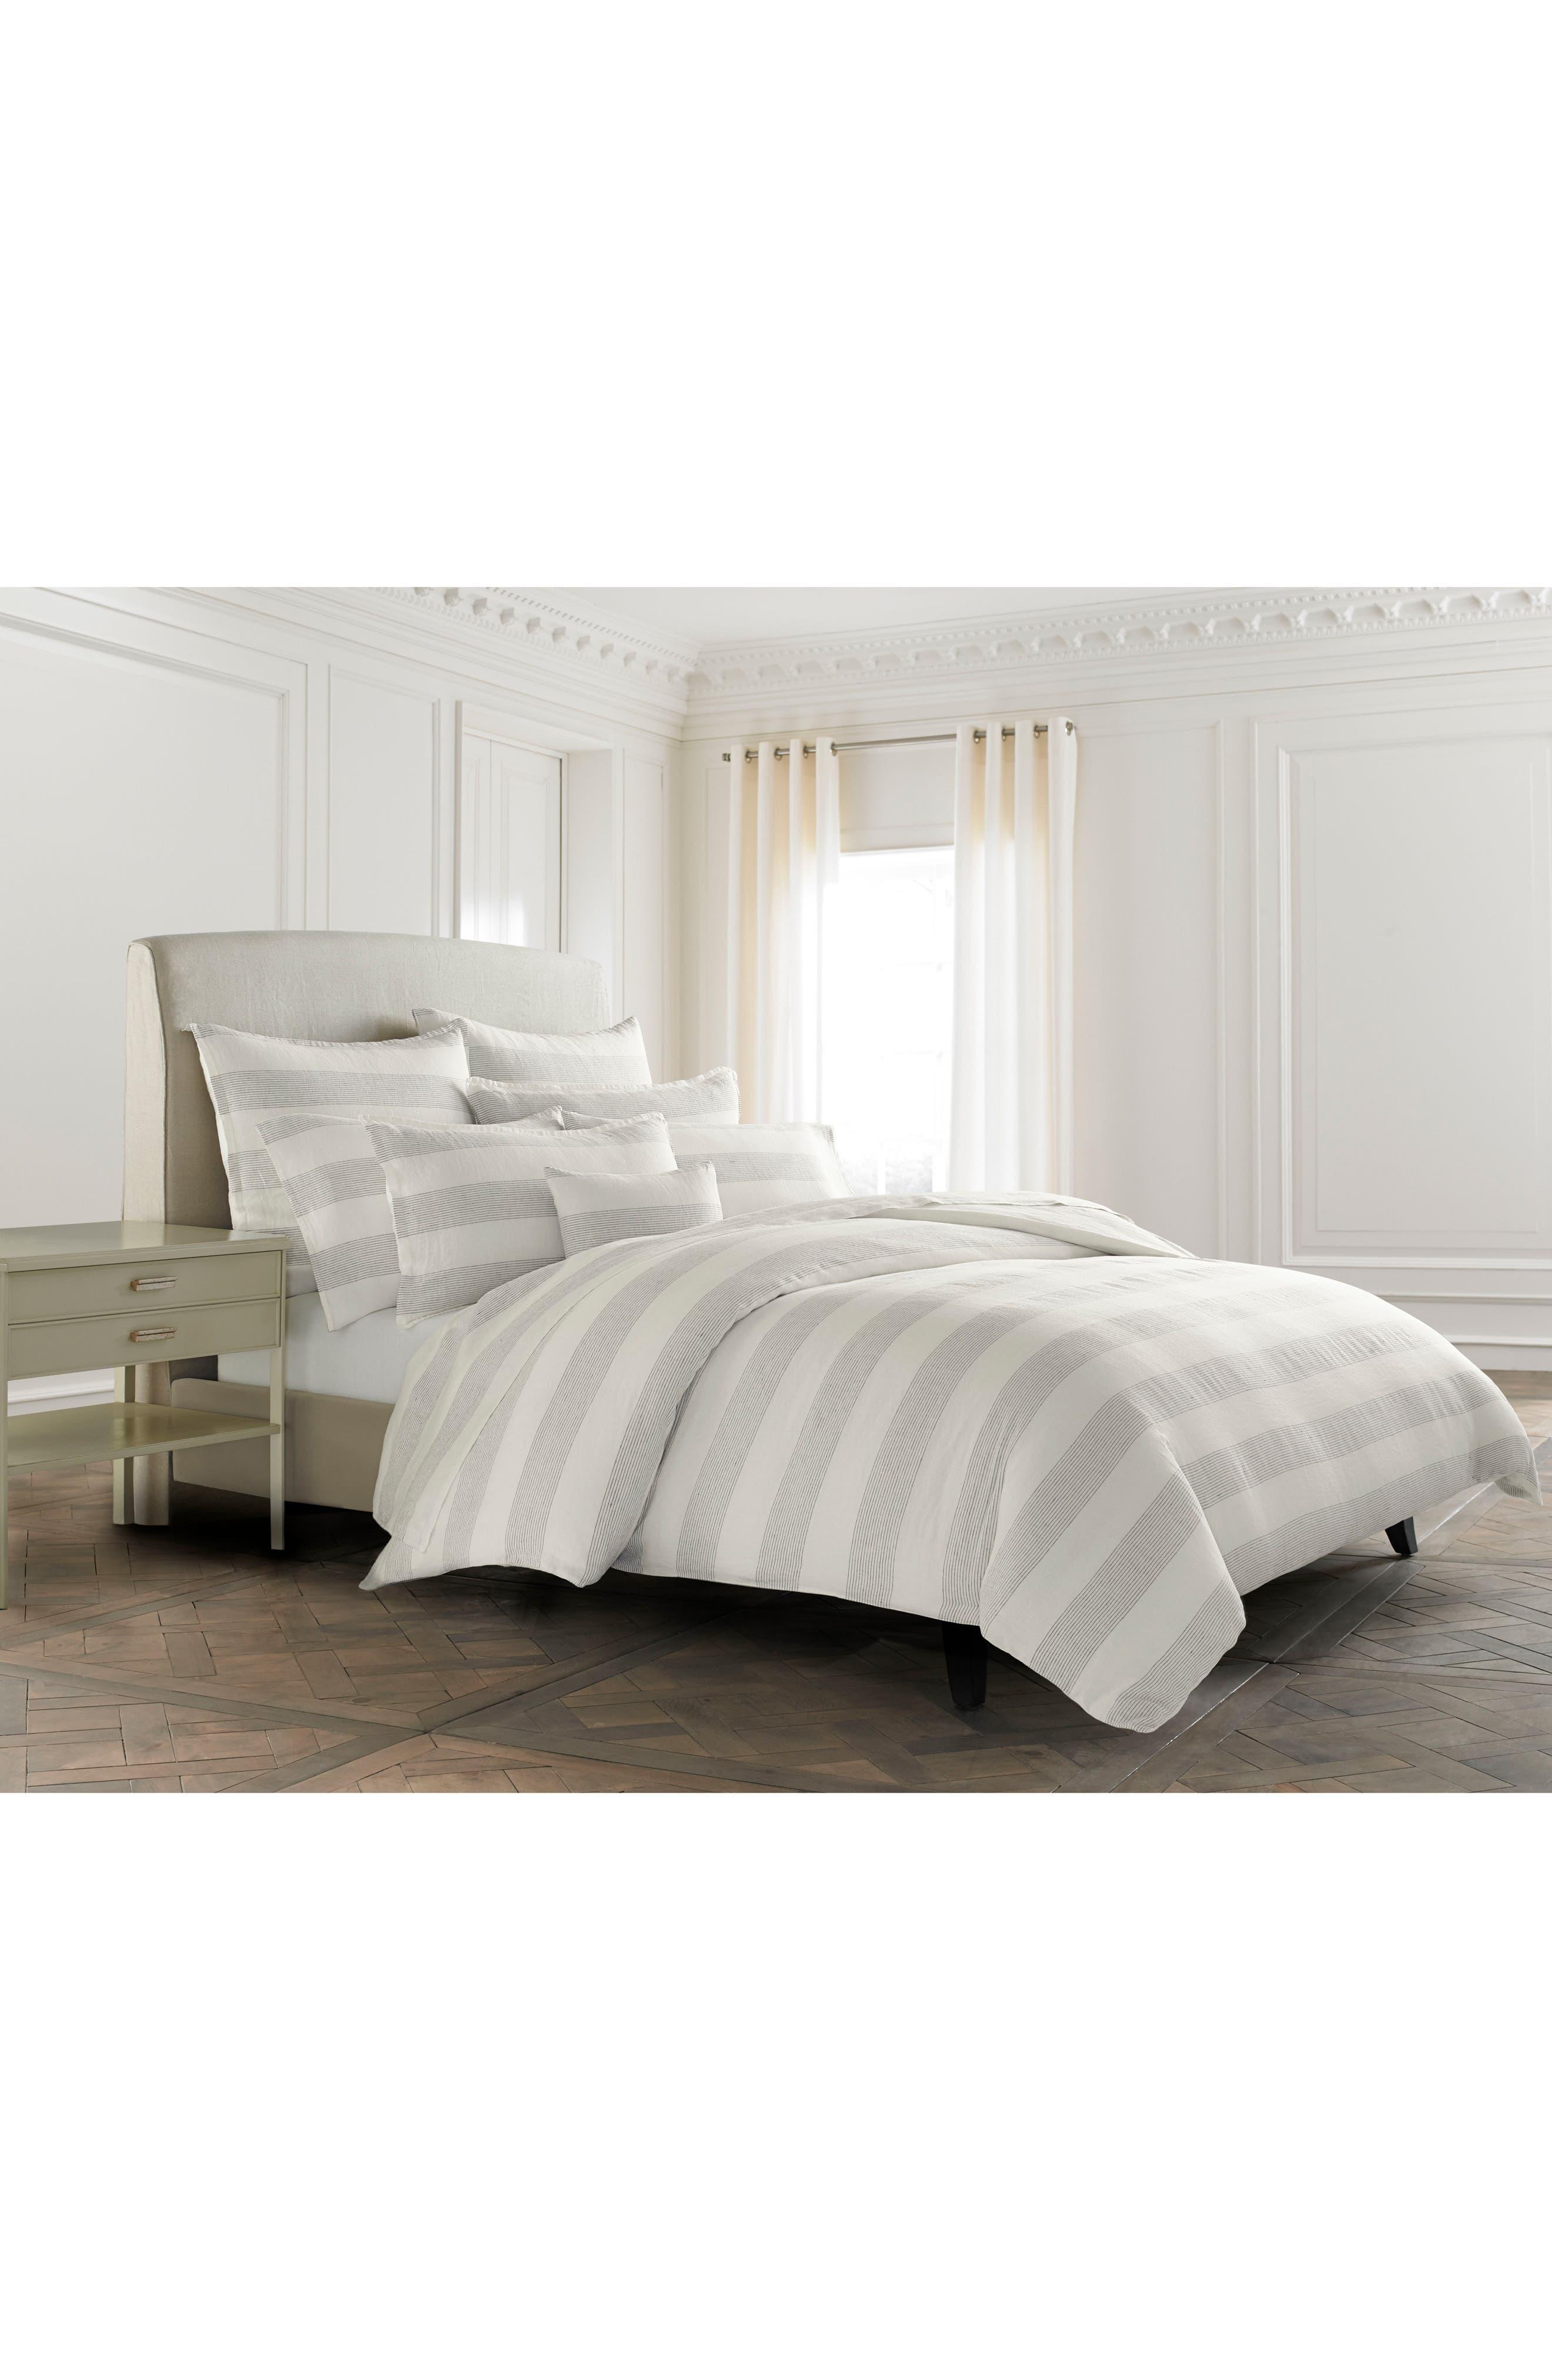 KASSATEX Amagansett Linen Duvet Cover